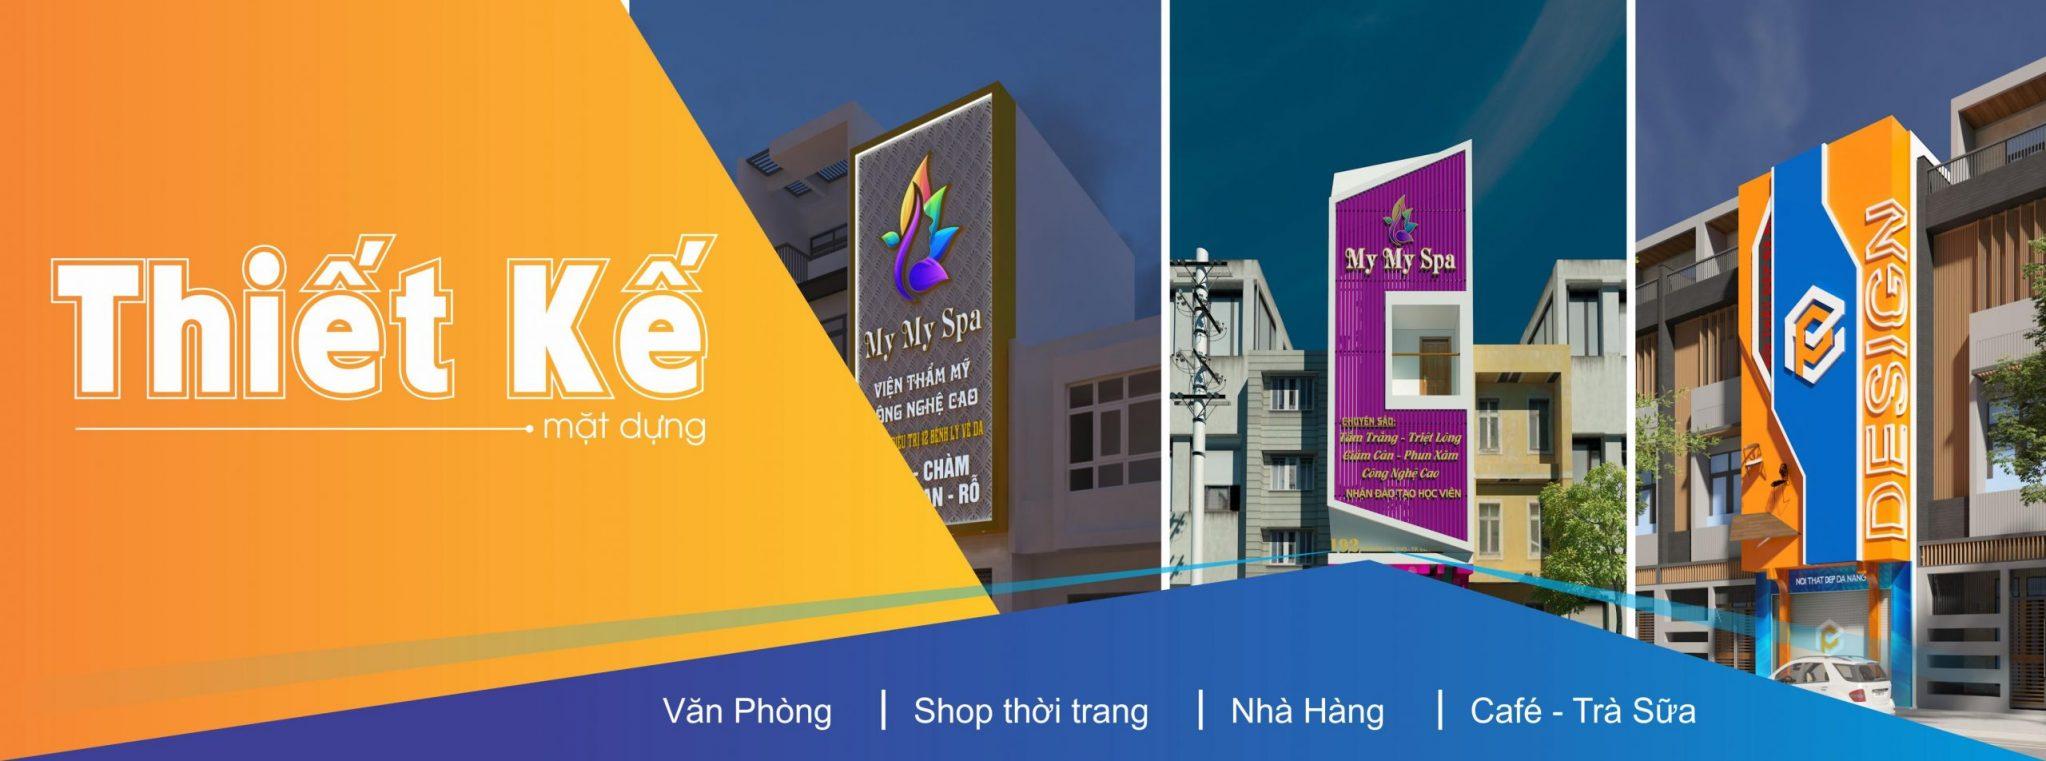 banner thiết kế quảng cáo phúc lợi việt 2